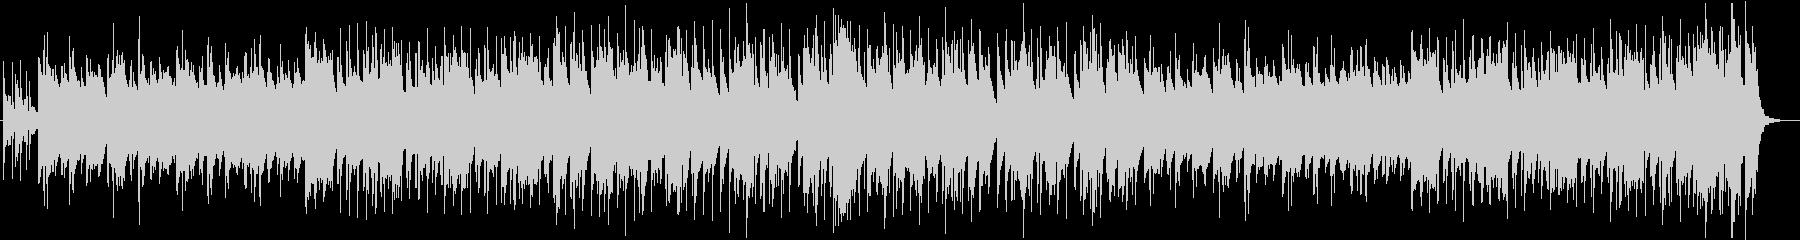 カジノをイメージしたビッグバンドBGMの未再生の波形